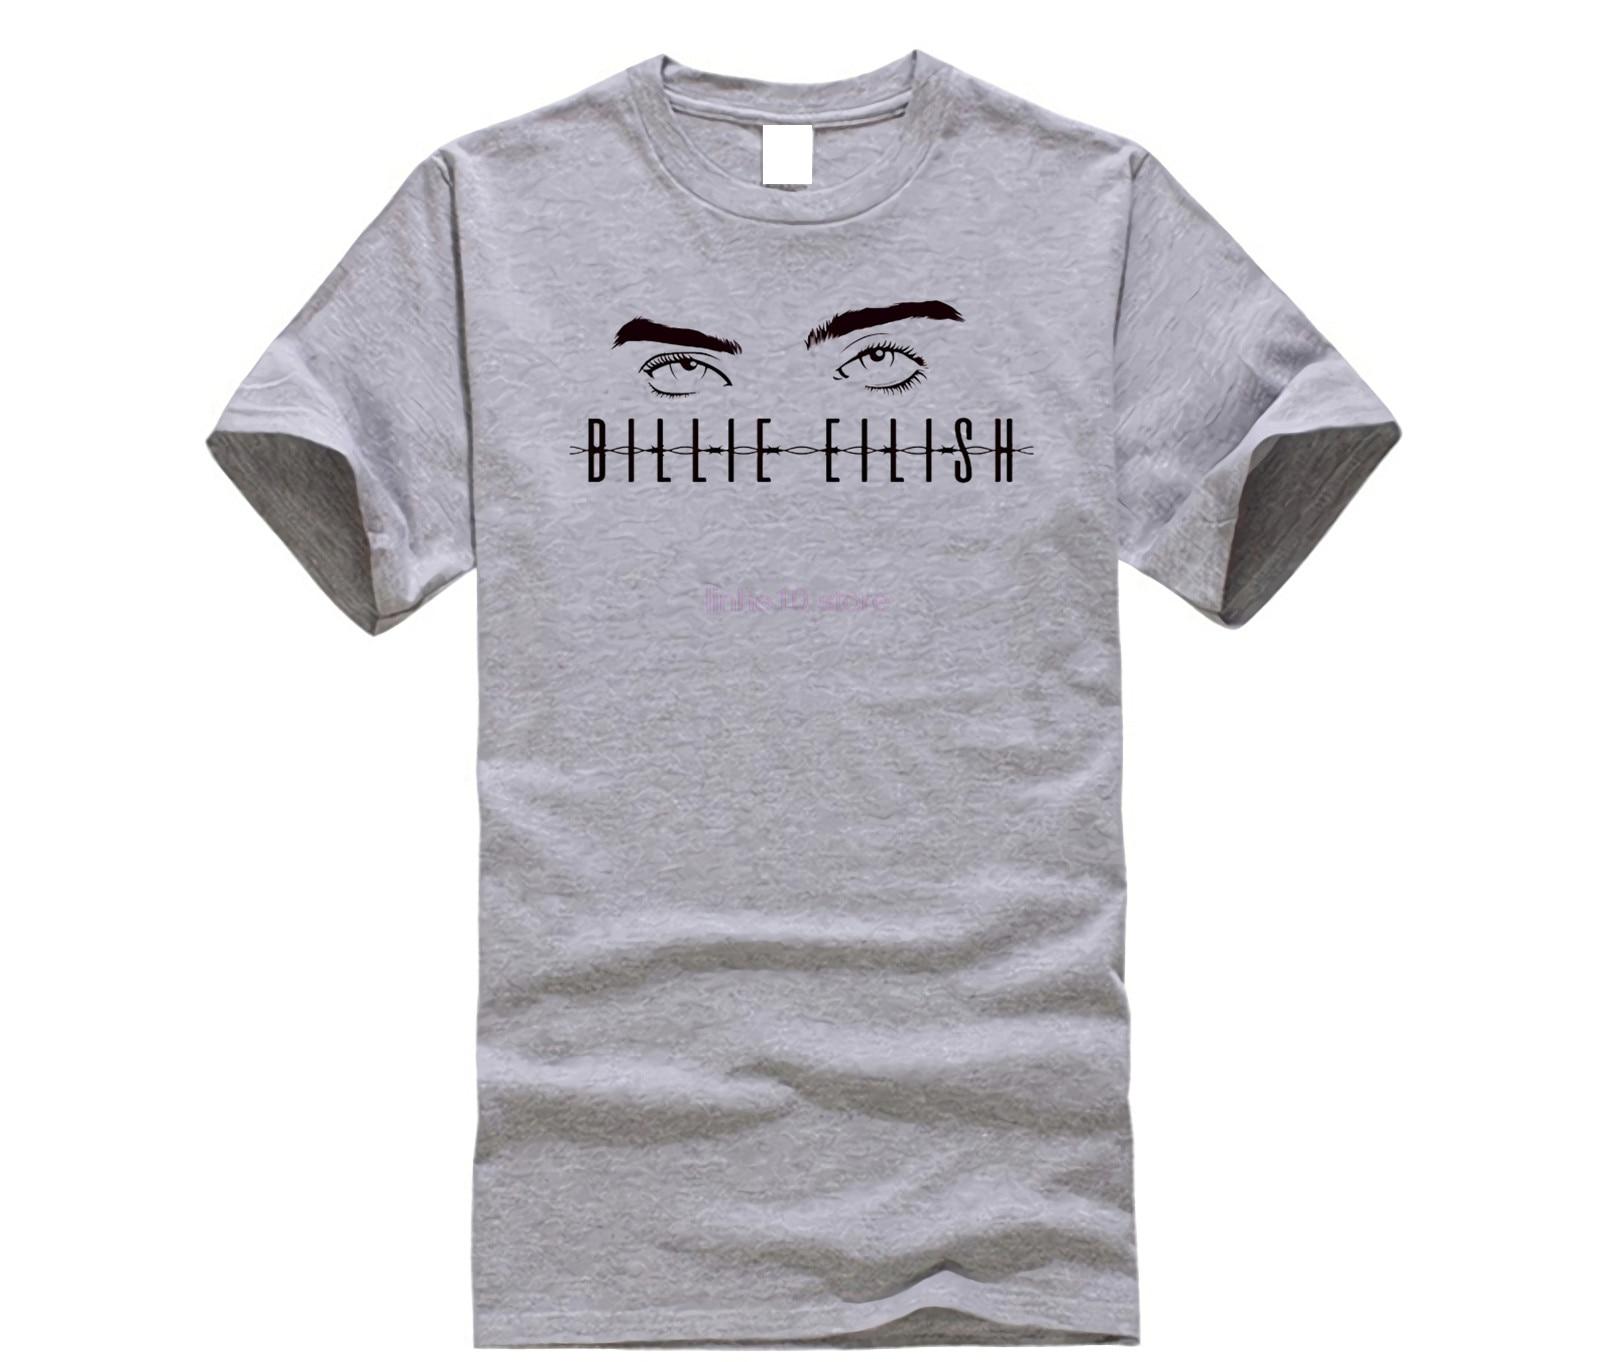 9927a1ba4ee7a LettBao Billie Eilish Fan Eye Футболка подарки Мода 100% хлопок хорошее  качество брендовая хлопковая рубашка Уличная Стиль крутые рубашки